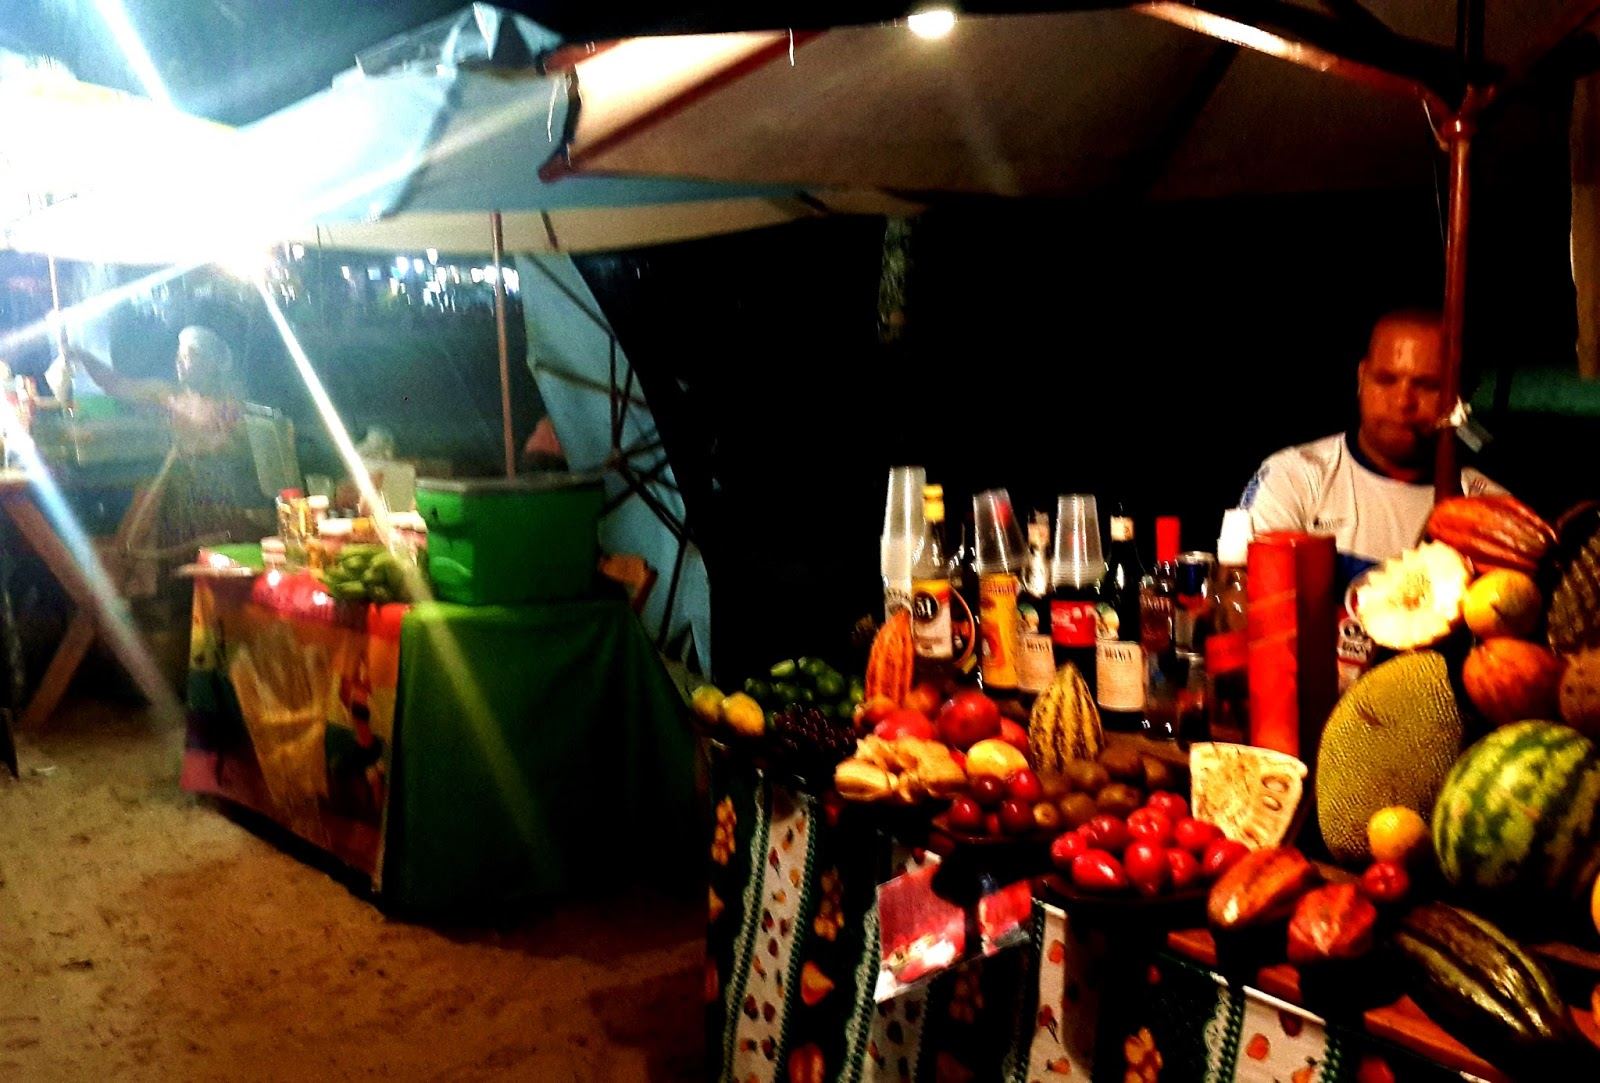 Relato de Viagem pela Bahia Brasil Morro de São Paulo Salvador dicas de viagens blog não é berlim naoeberlim Stephanie Vasques